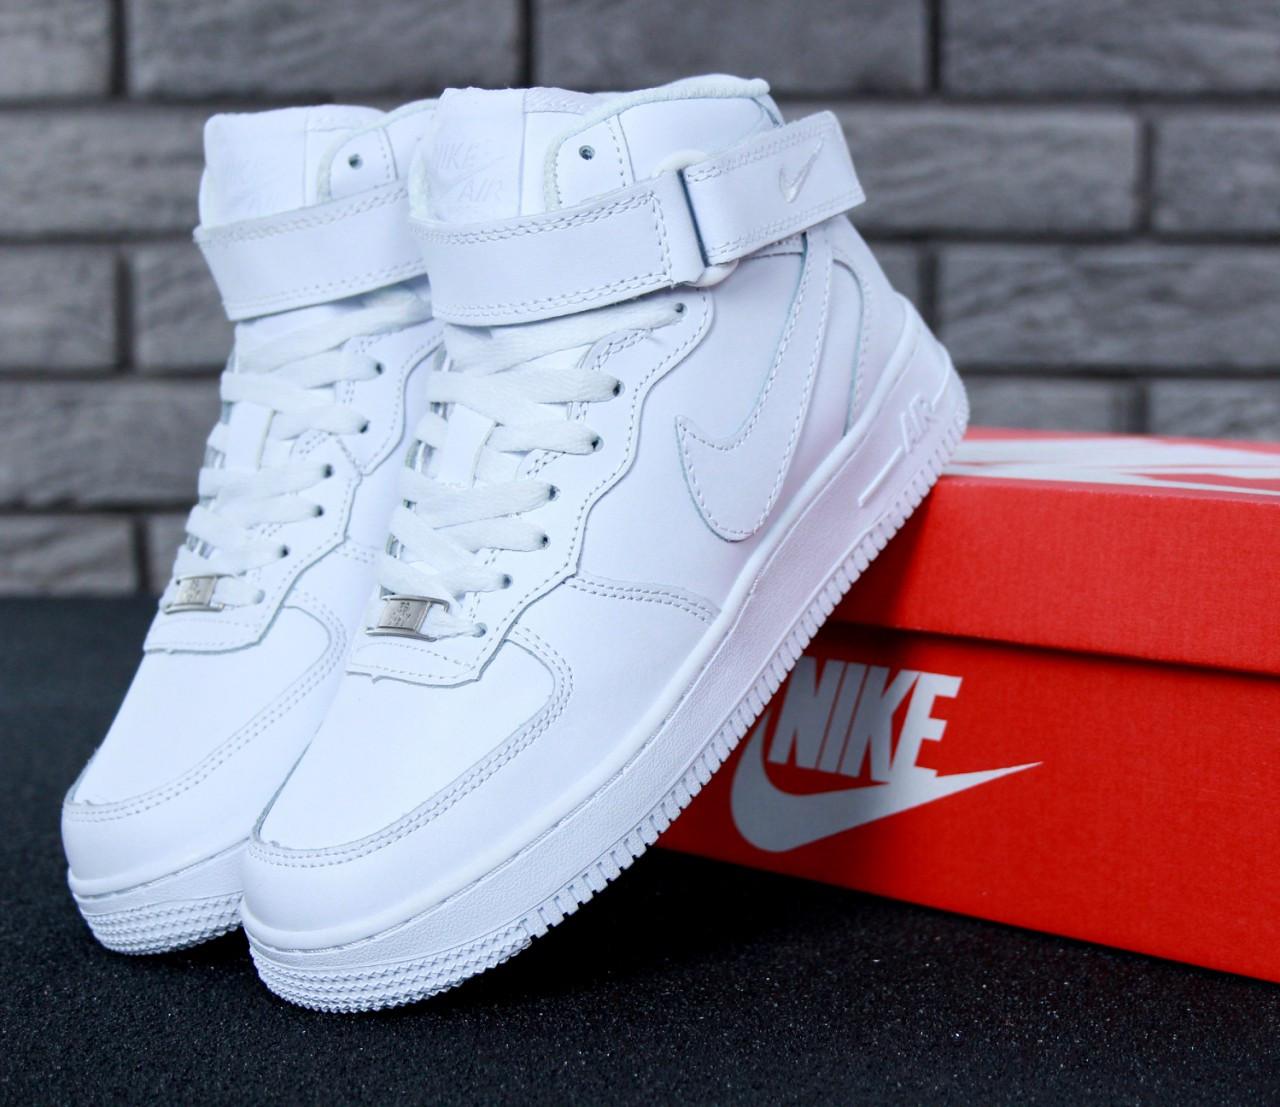 51c0c8bf Зимние кроссовки Nike Air Force Brown с мехом, женские кроссовки. ТОП  Реплика ААА класса